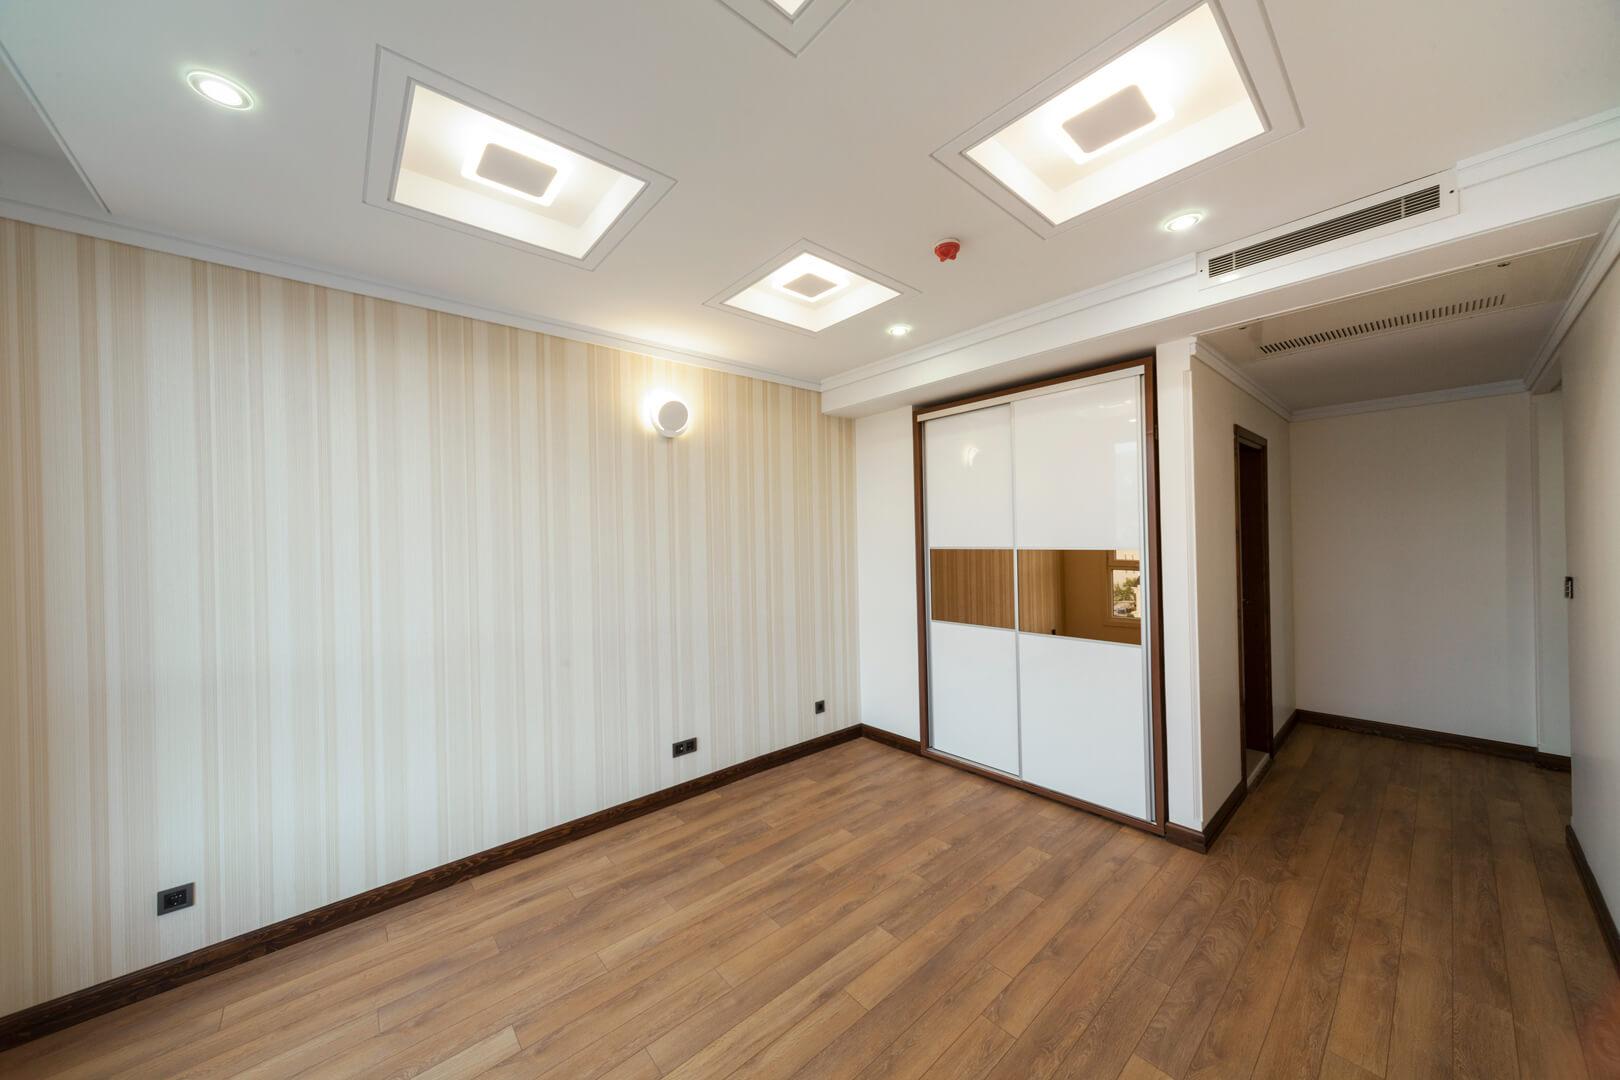 Szafa z szklanymi białymi i brązowymi drzwi przesuwnymi